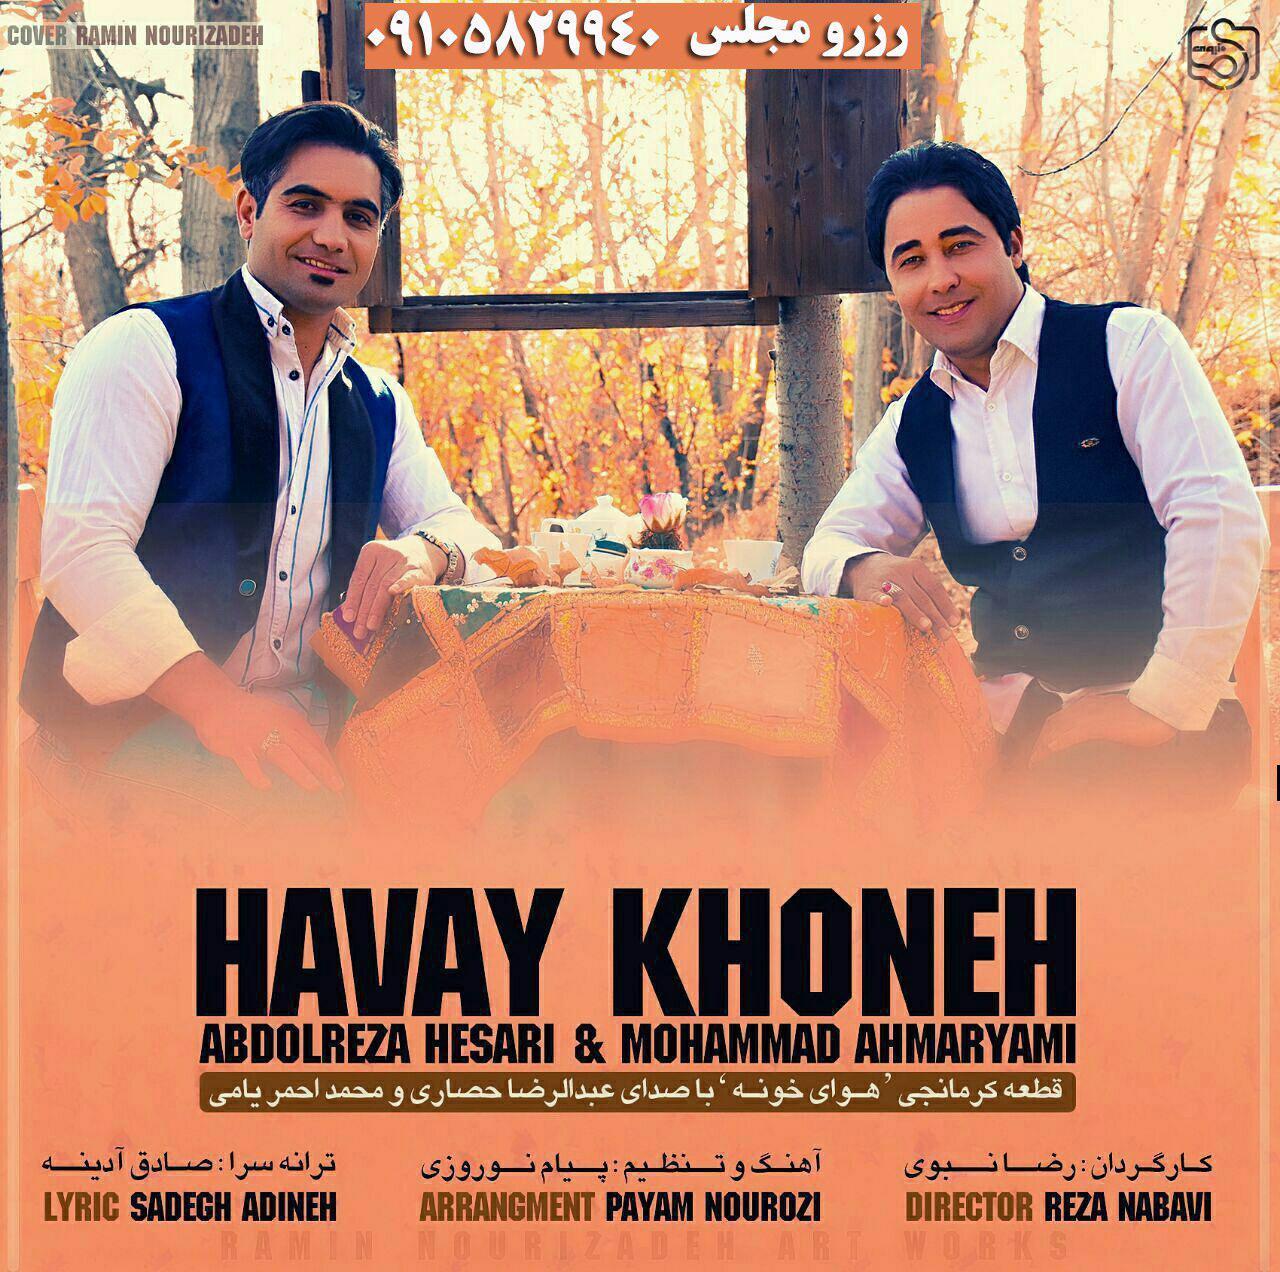 آهنگ بسیارزیبا و شاد از محمداحمریامی و  عبدلرضاحصاری به نام هوای خونه